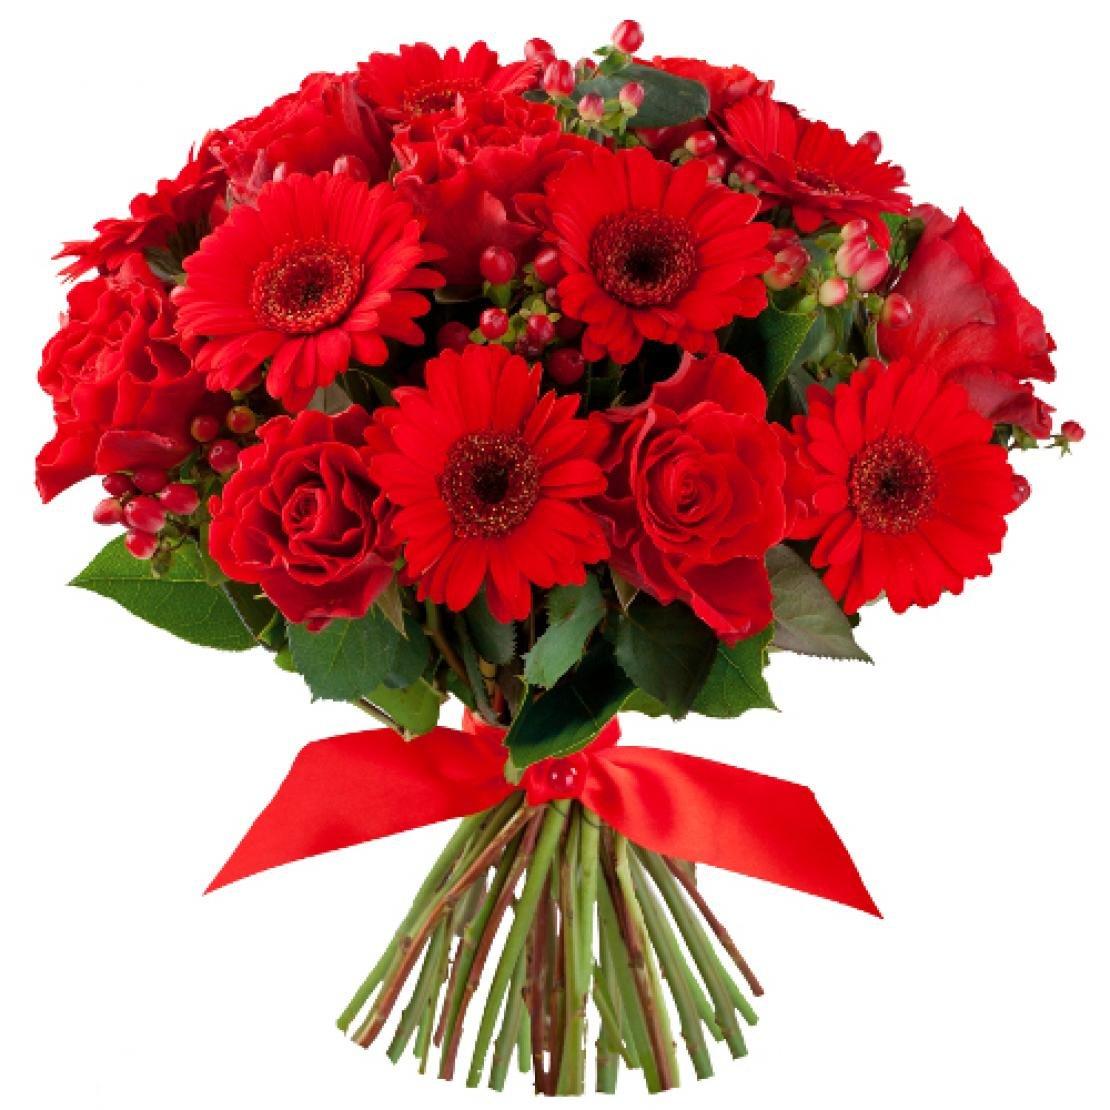 красивые картинки с букетами из красных цветов этот раз